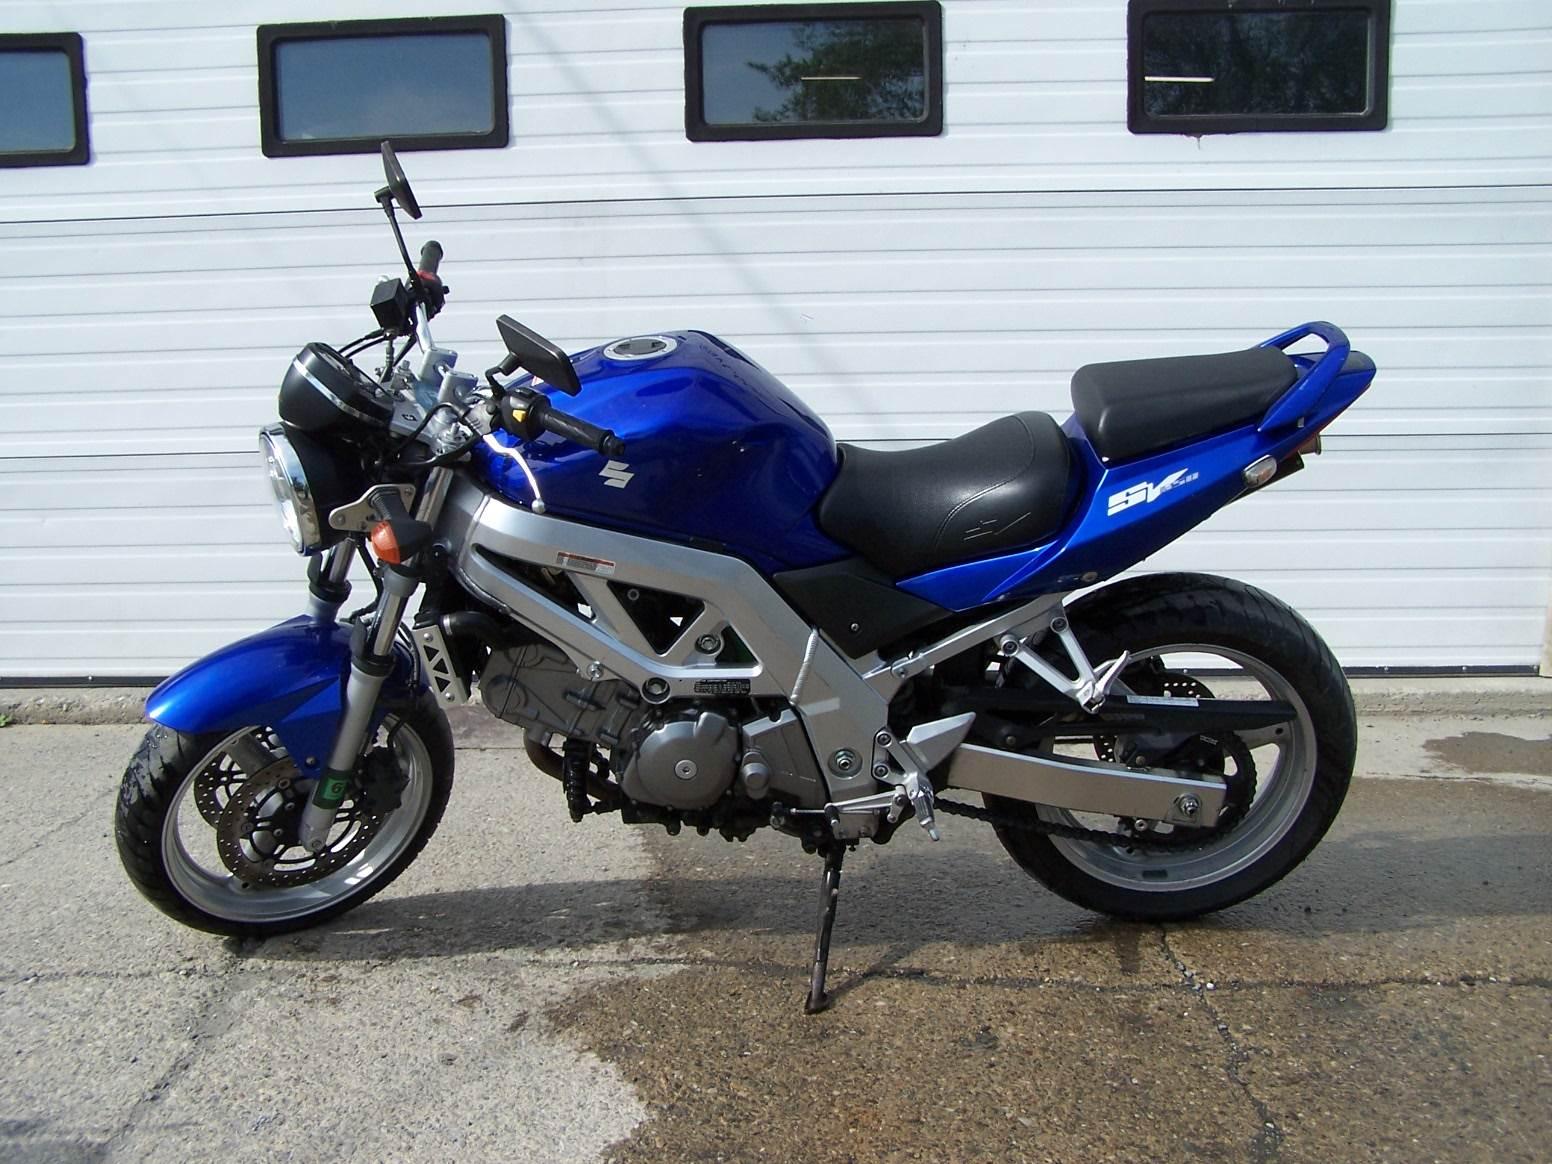 2004 Suzuki SV650 for sale 192478